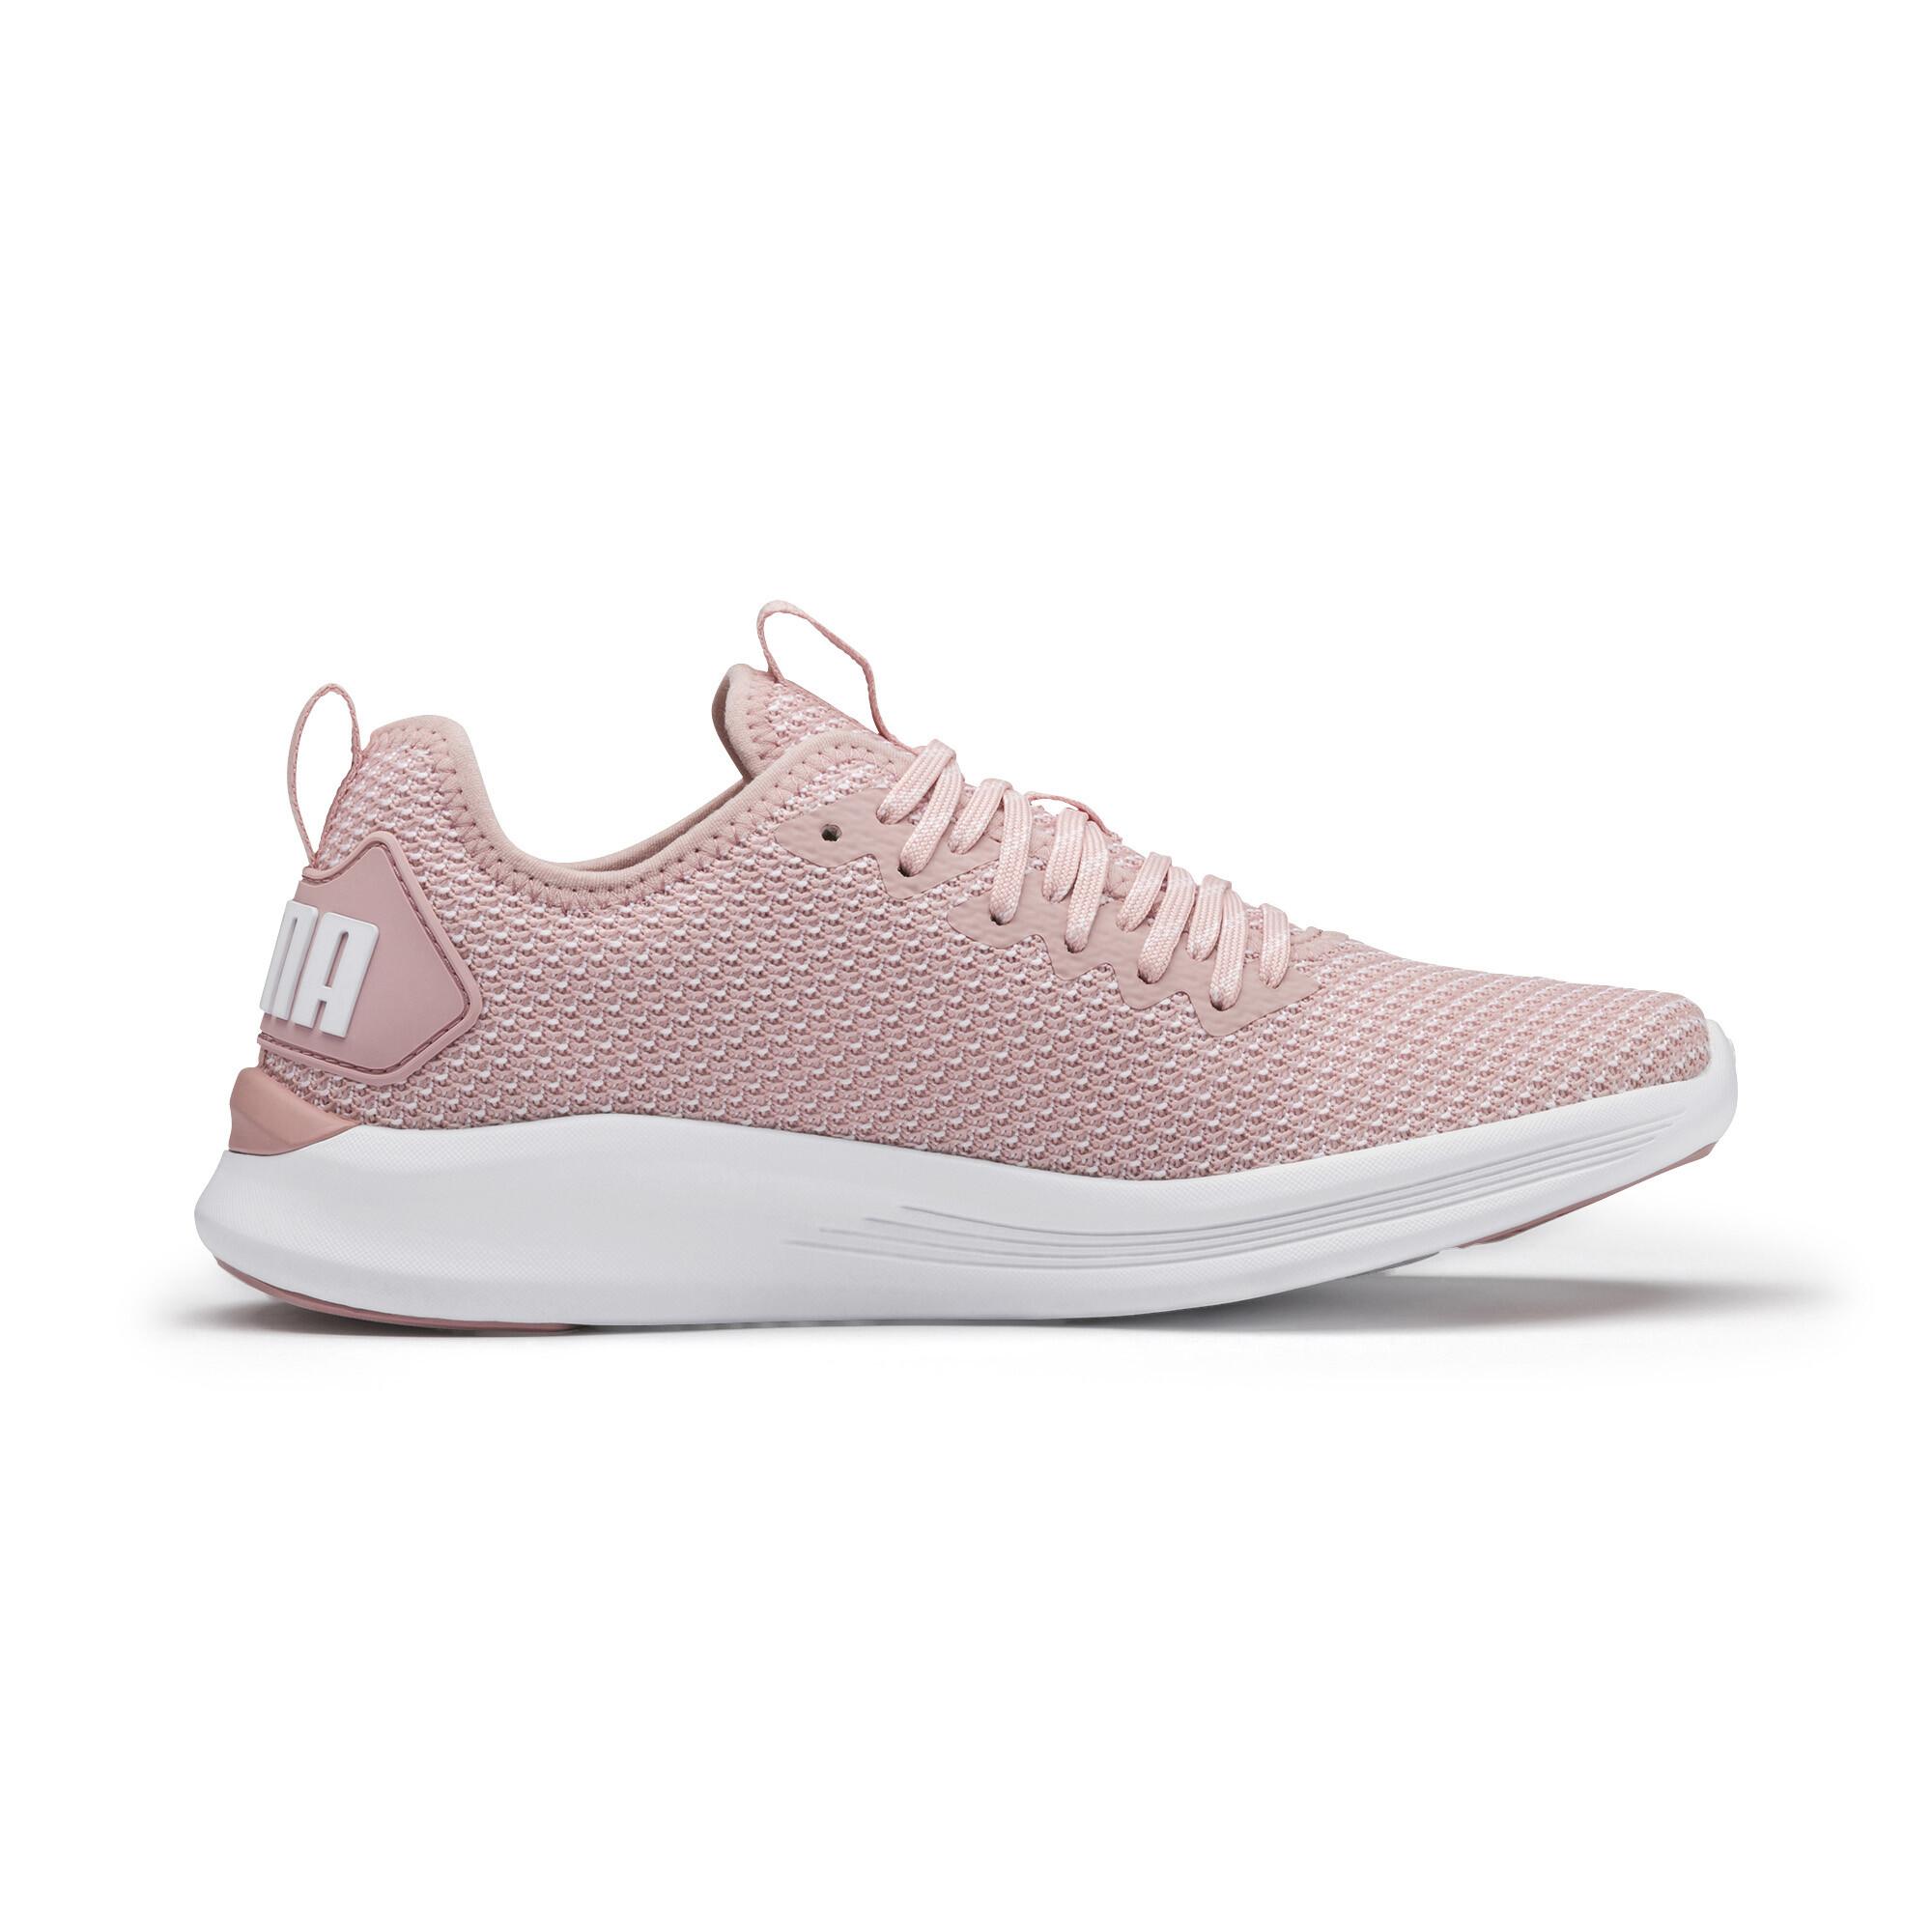 PUMA-IGNITE-Flash-Women-s-Training-Shoes-Women-Shoe-Running thumbnail 7